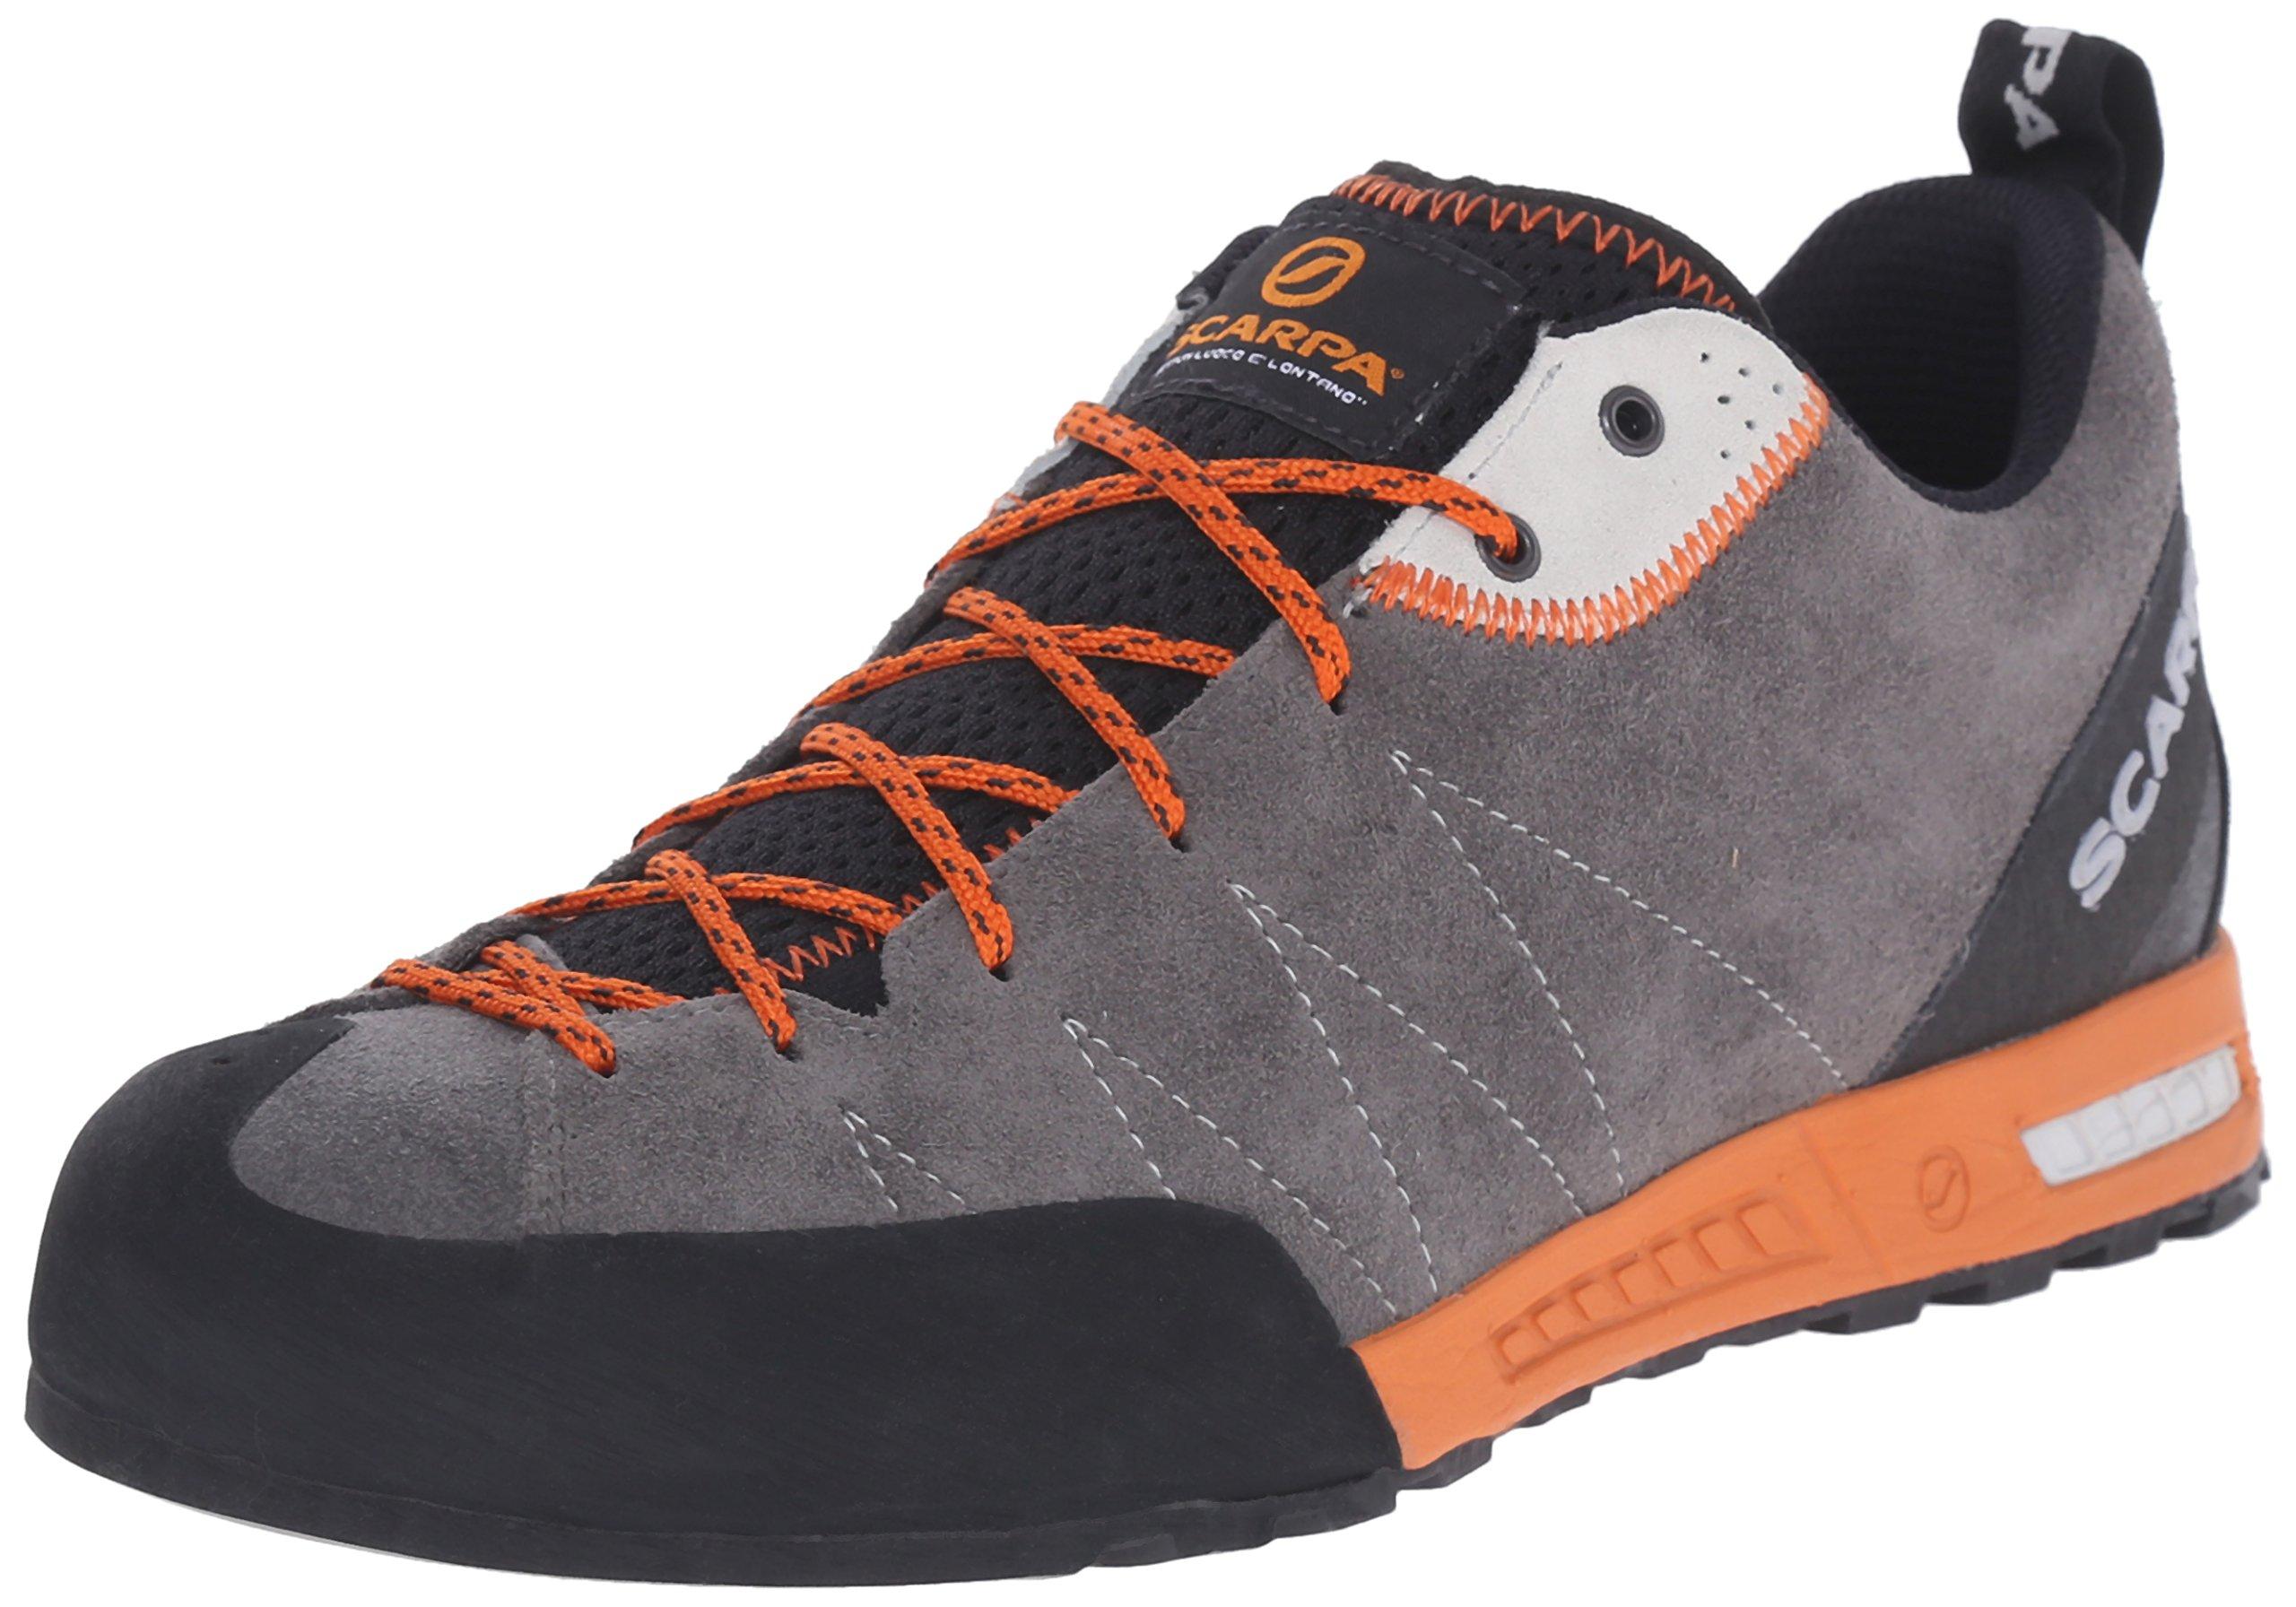 Scarpa Men's Gecko Approach Shoe, Shark/Tonic, 44.5 EU/11 M US